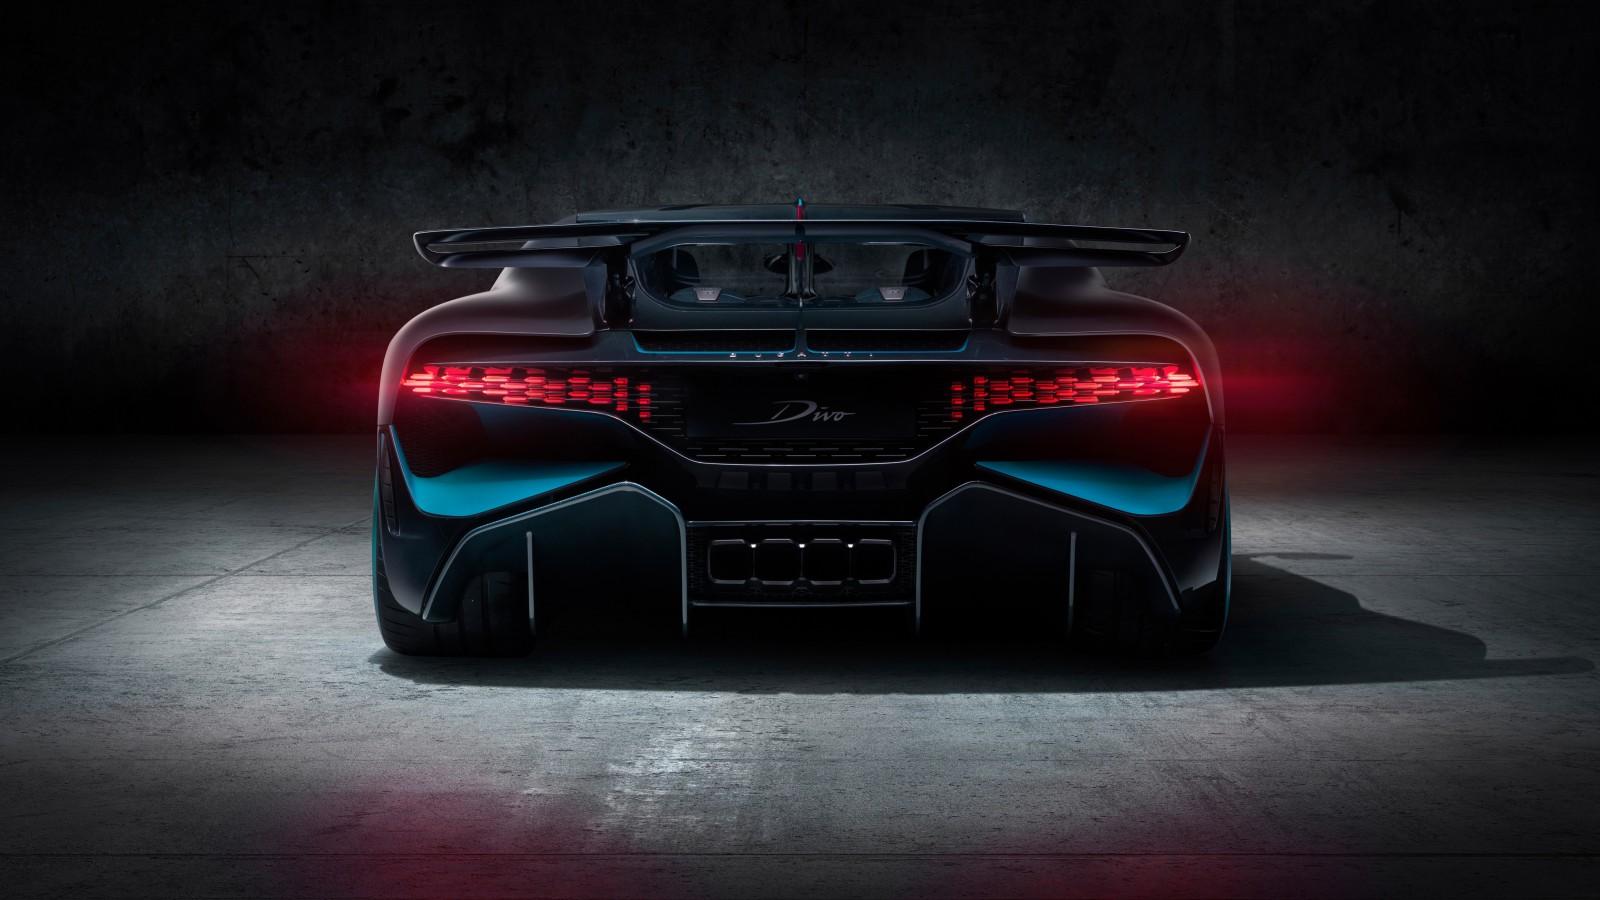 2019 Bugatti Divo 4K 13 Wallpaper HD Car Wallpapers ID